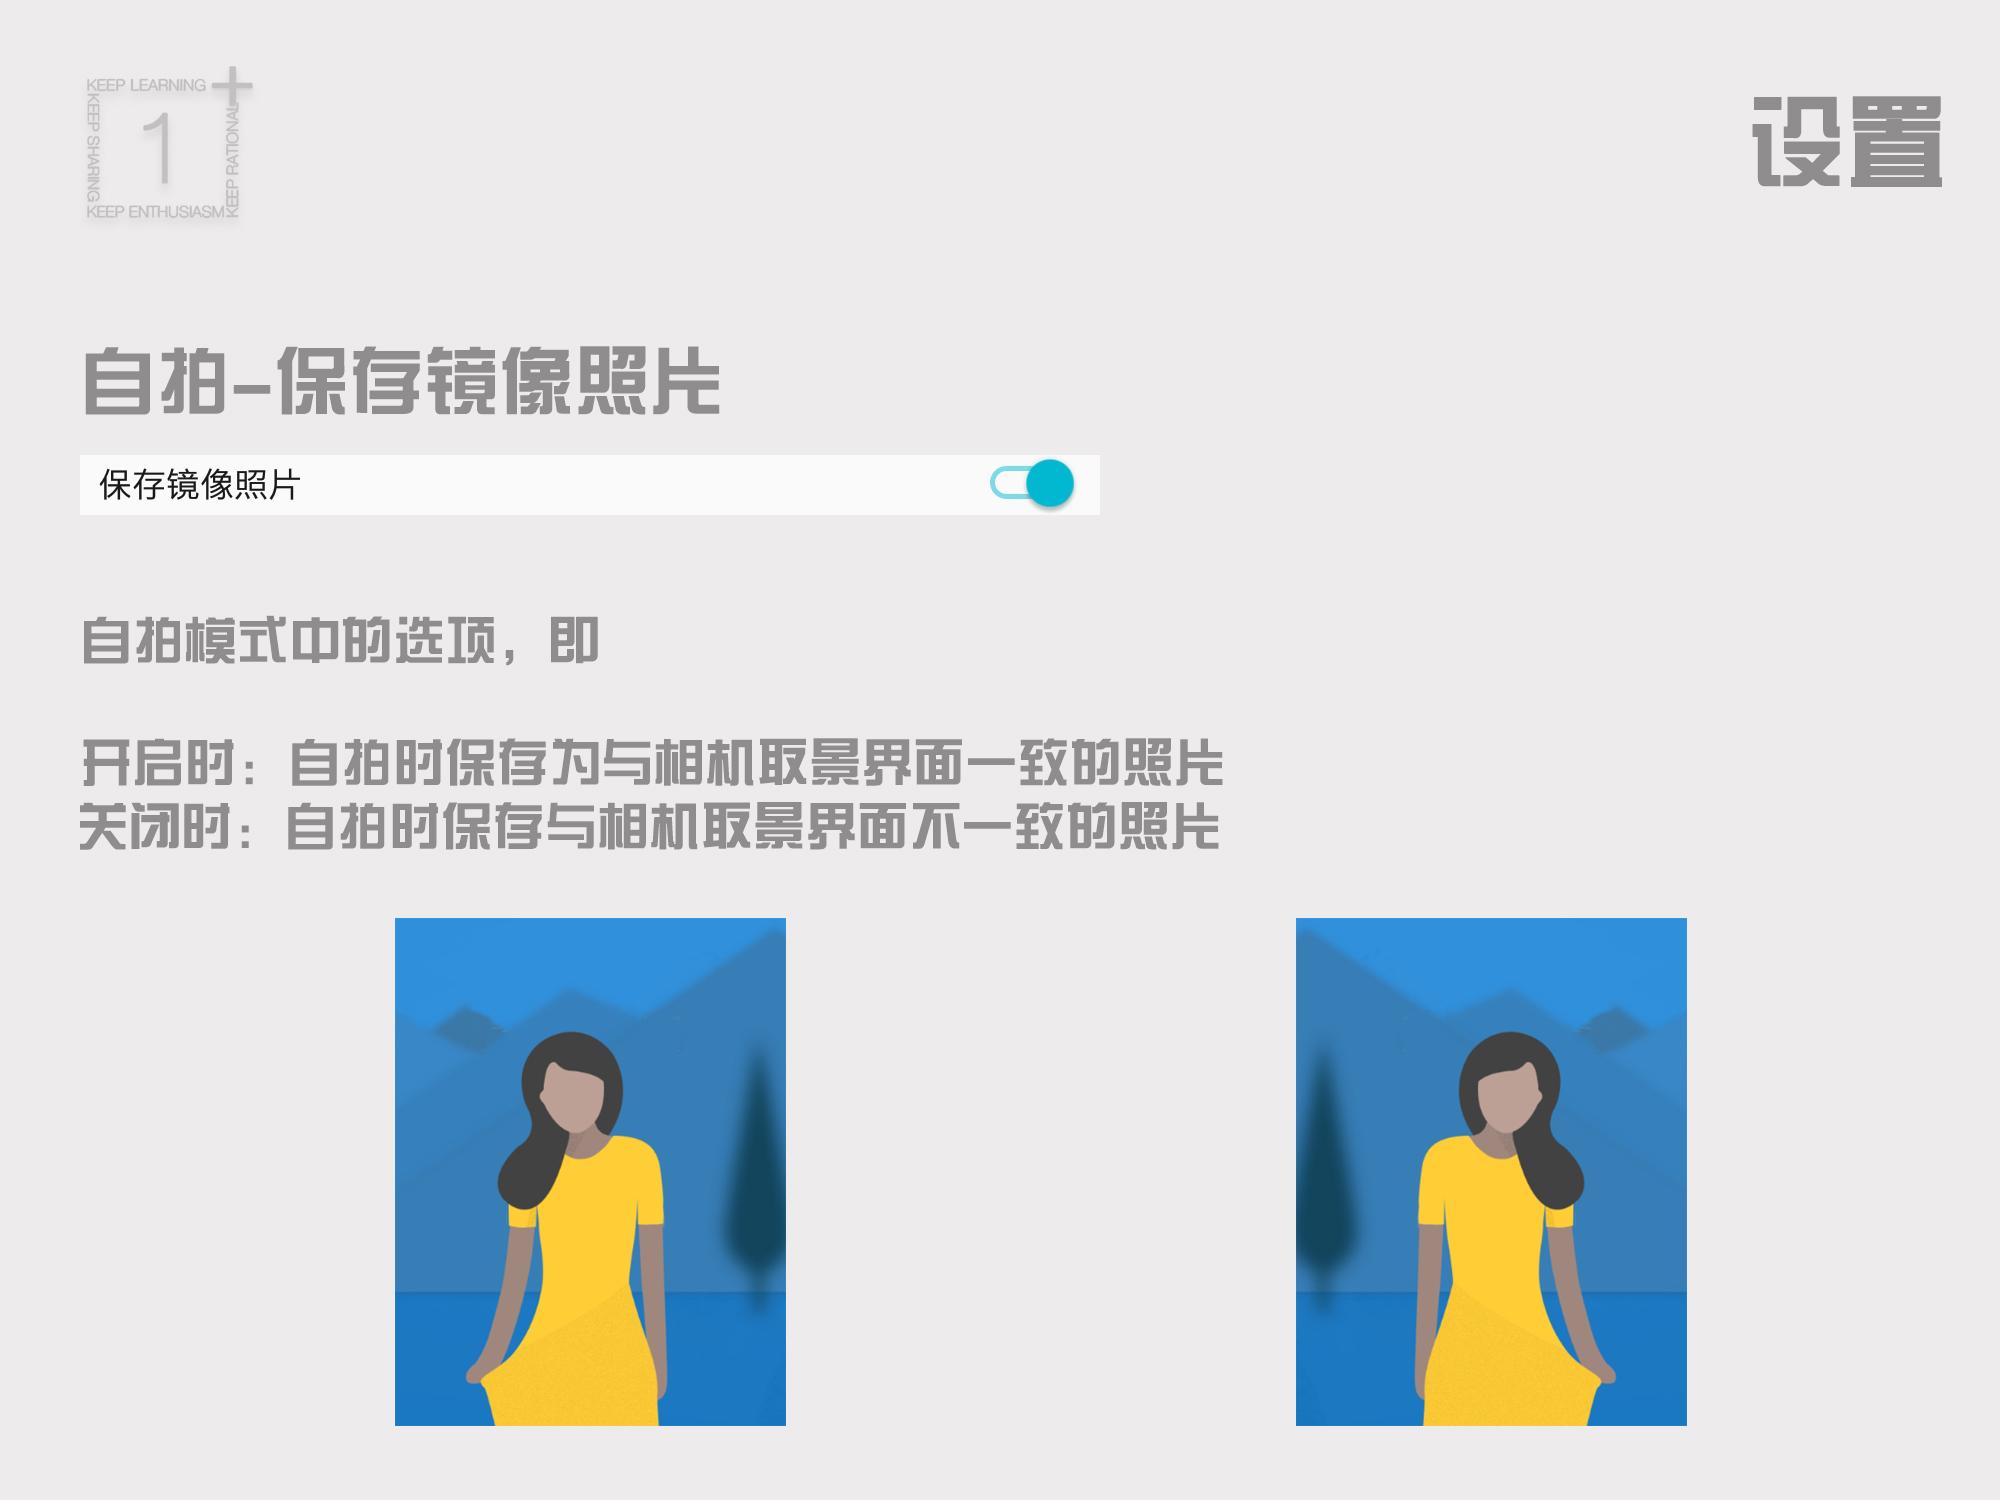 设置-自拍-保存镜像照片.jpg